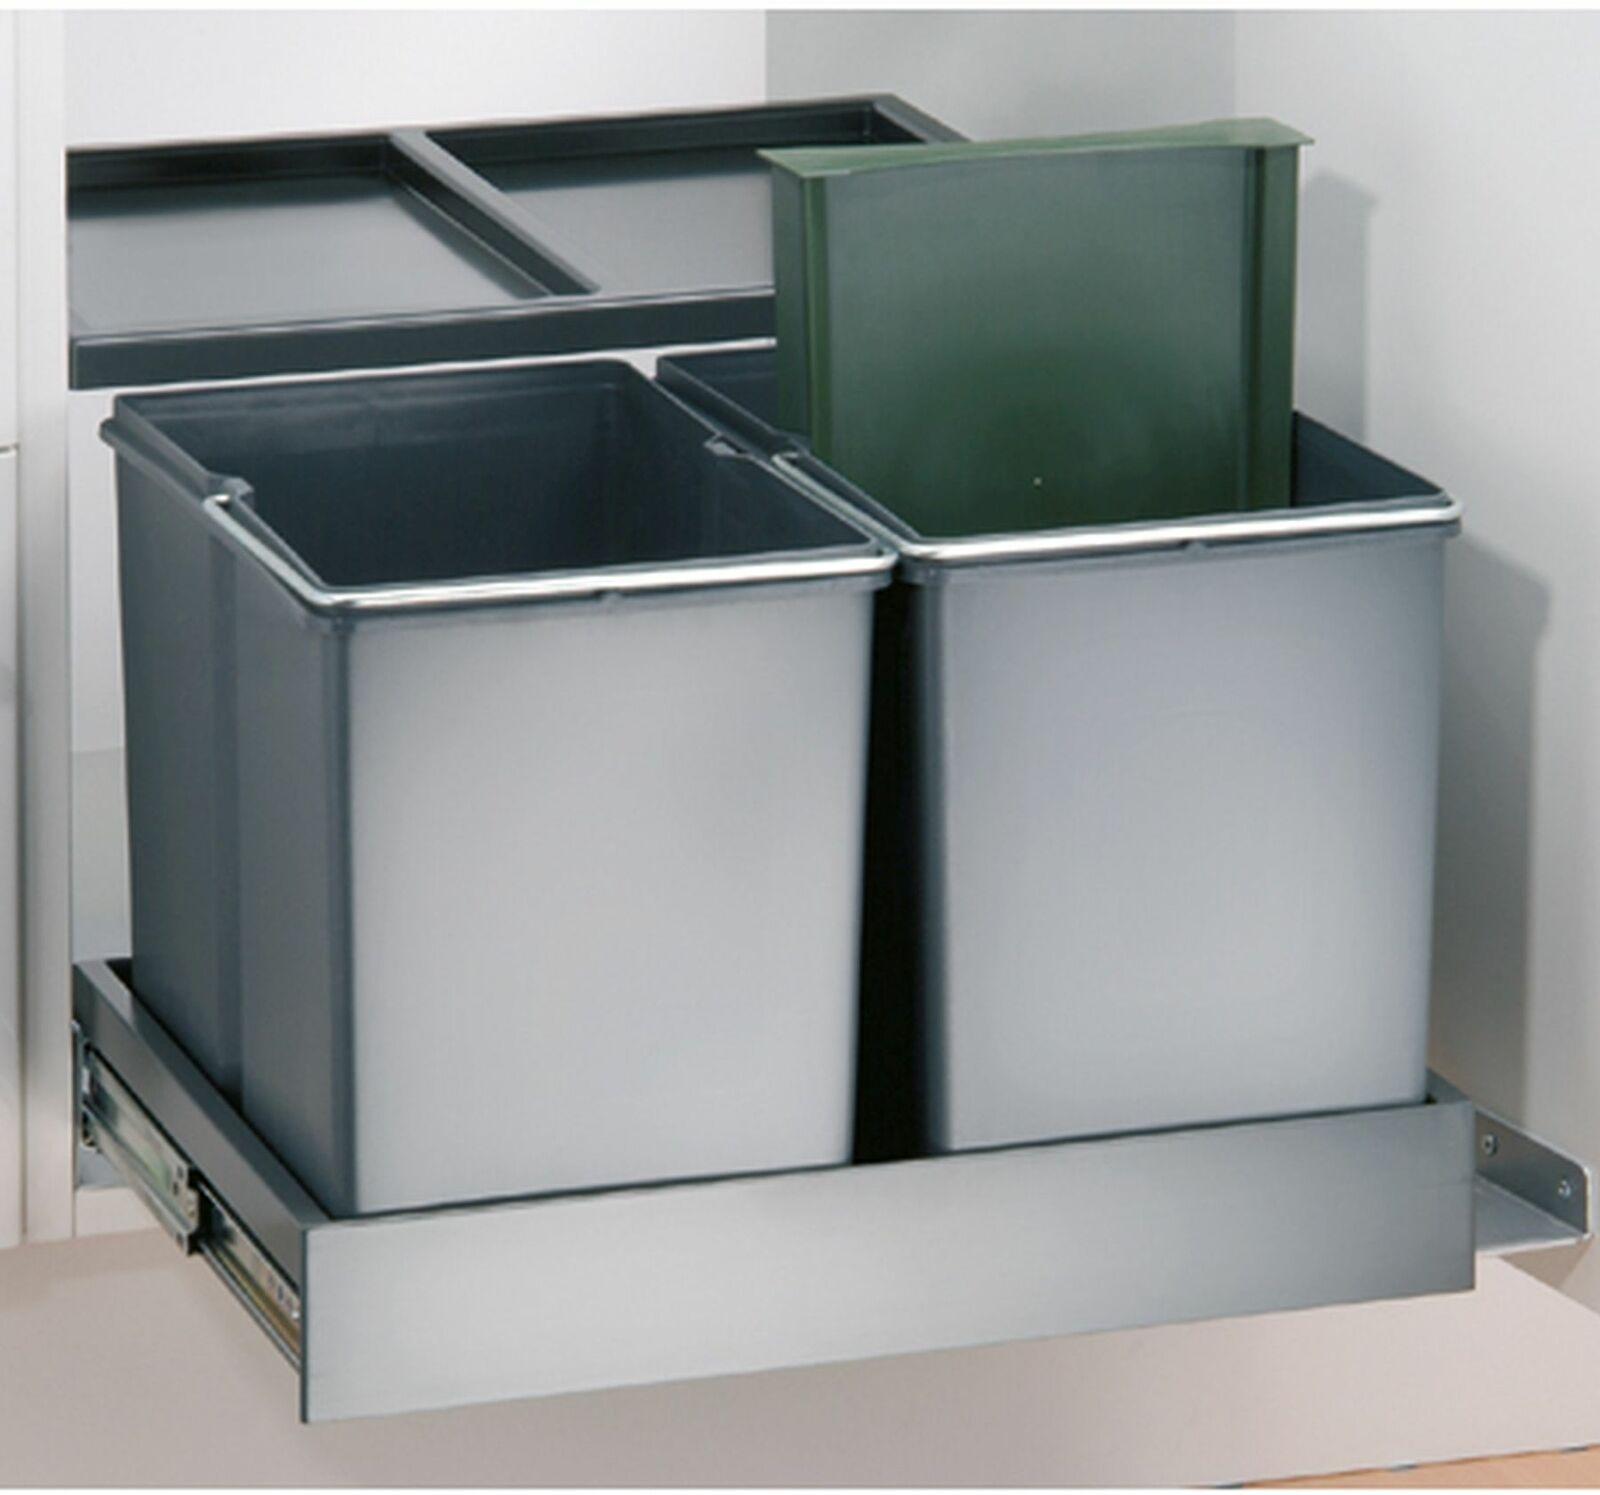 Einbau-Mülleimer Küche 20 L Wesco Abfalleimer Mülltrennung Müllsystem  *20